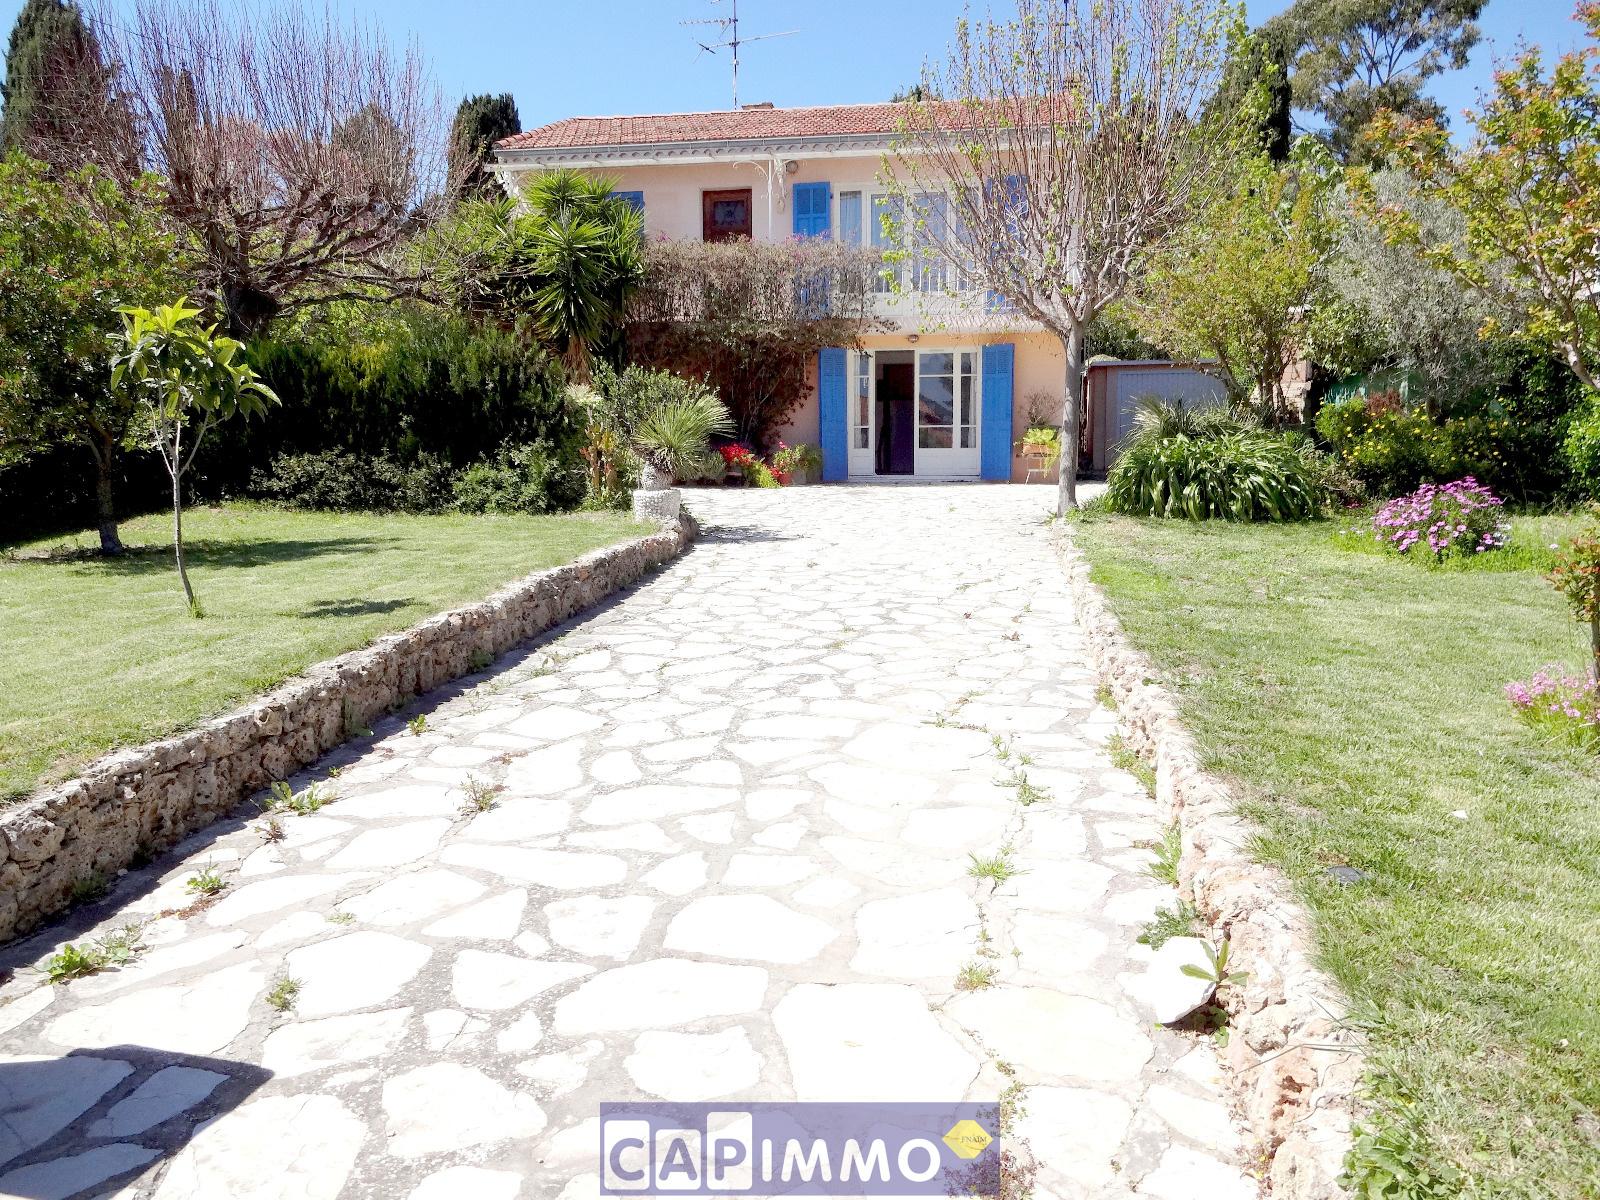 Vente maison villa 83130 la garde for Garage audi la garde 83130